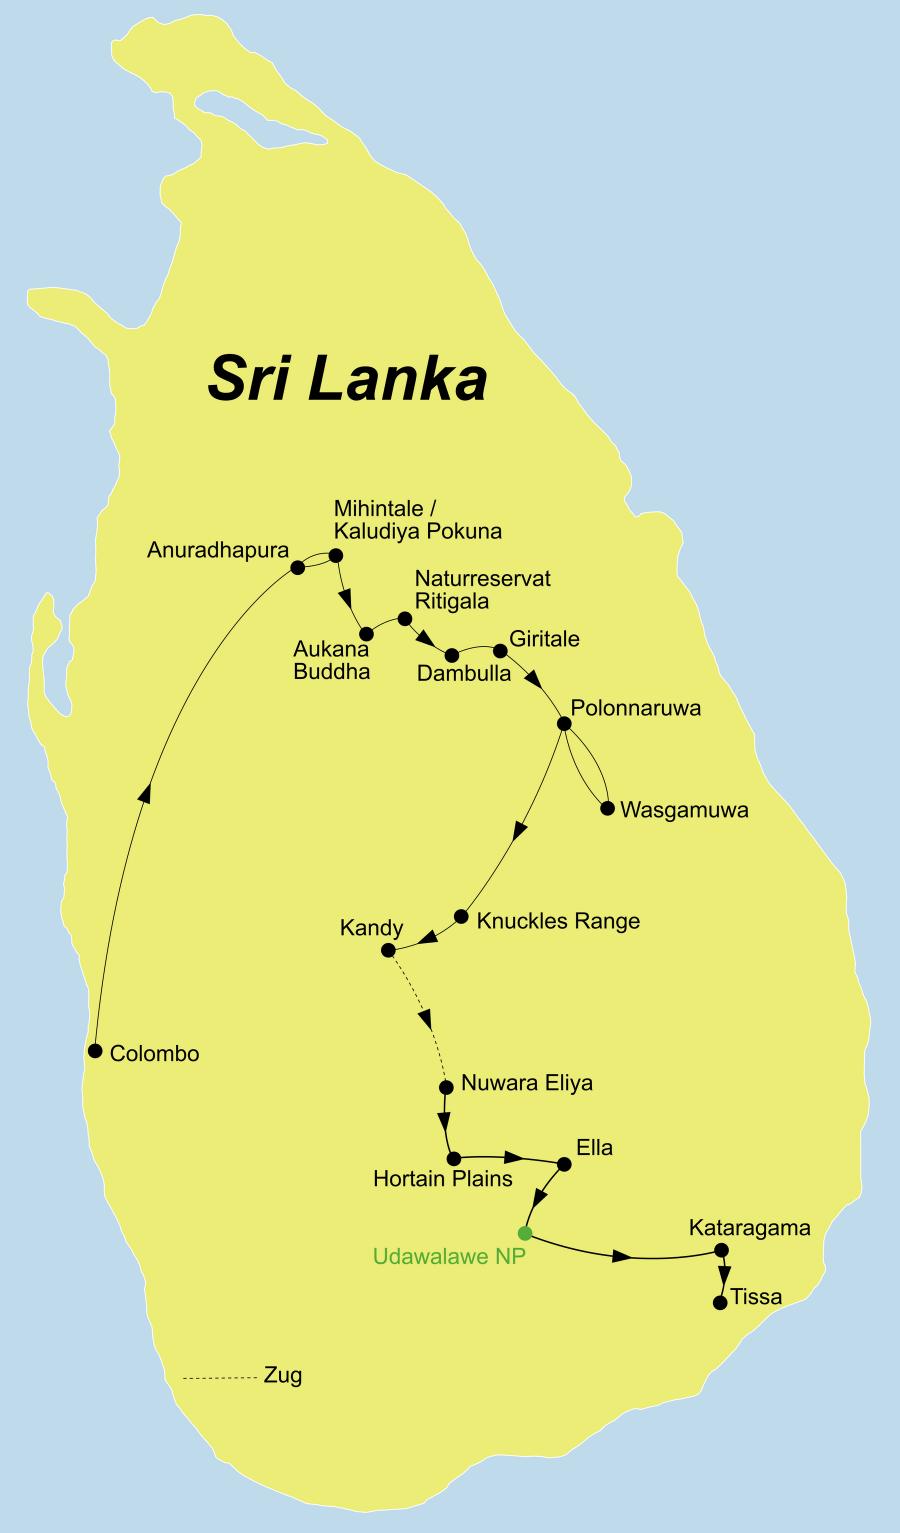 Die Sri Lanka Rundreise führt von Colombo nach Anuradhapura über Polonnaruwa und Kandy nach Elle und Tissa